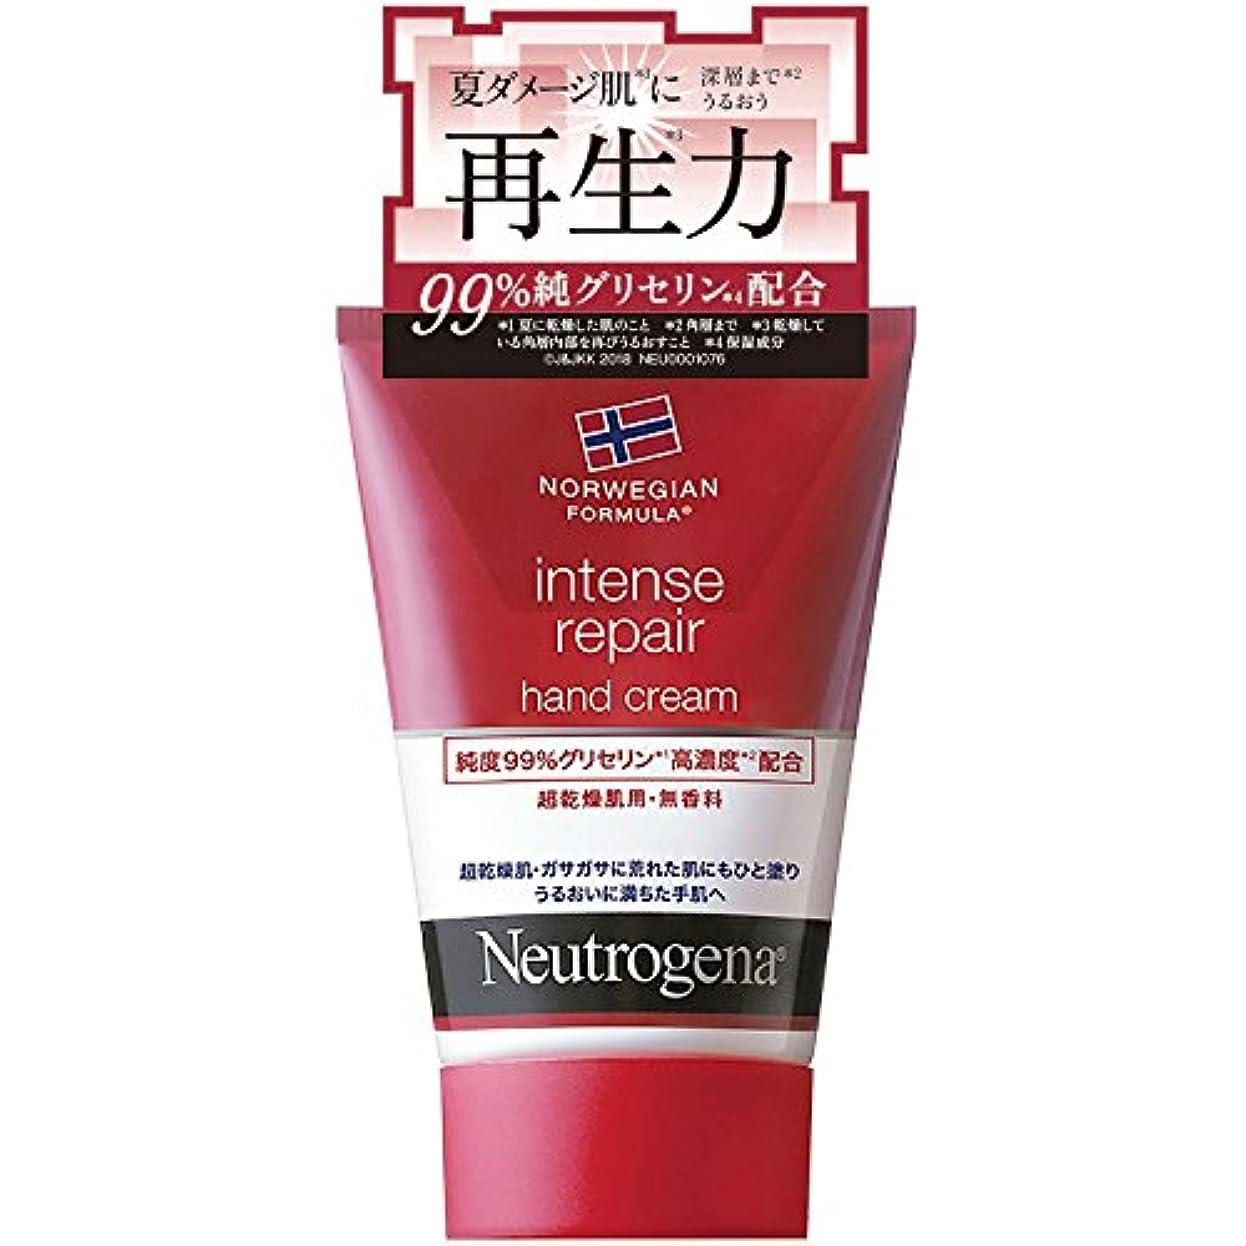 のためにスクランブルくるみNeutrogena(ニュートロジーナ) ノルウェーフォーミュラ インテンスリペア ハンドクリーム 超乾燥肌用 無香料 単品 50g